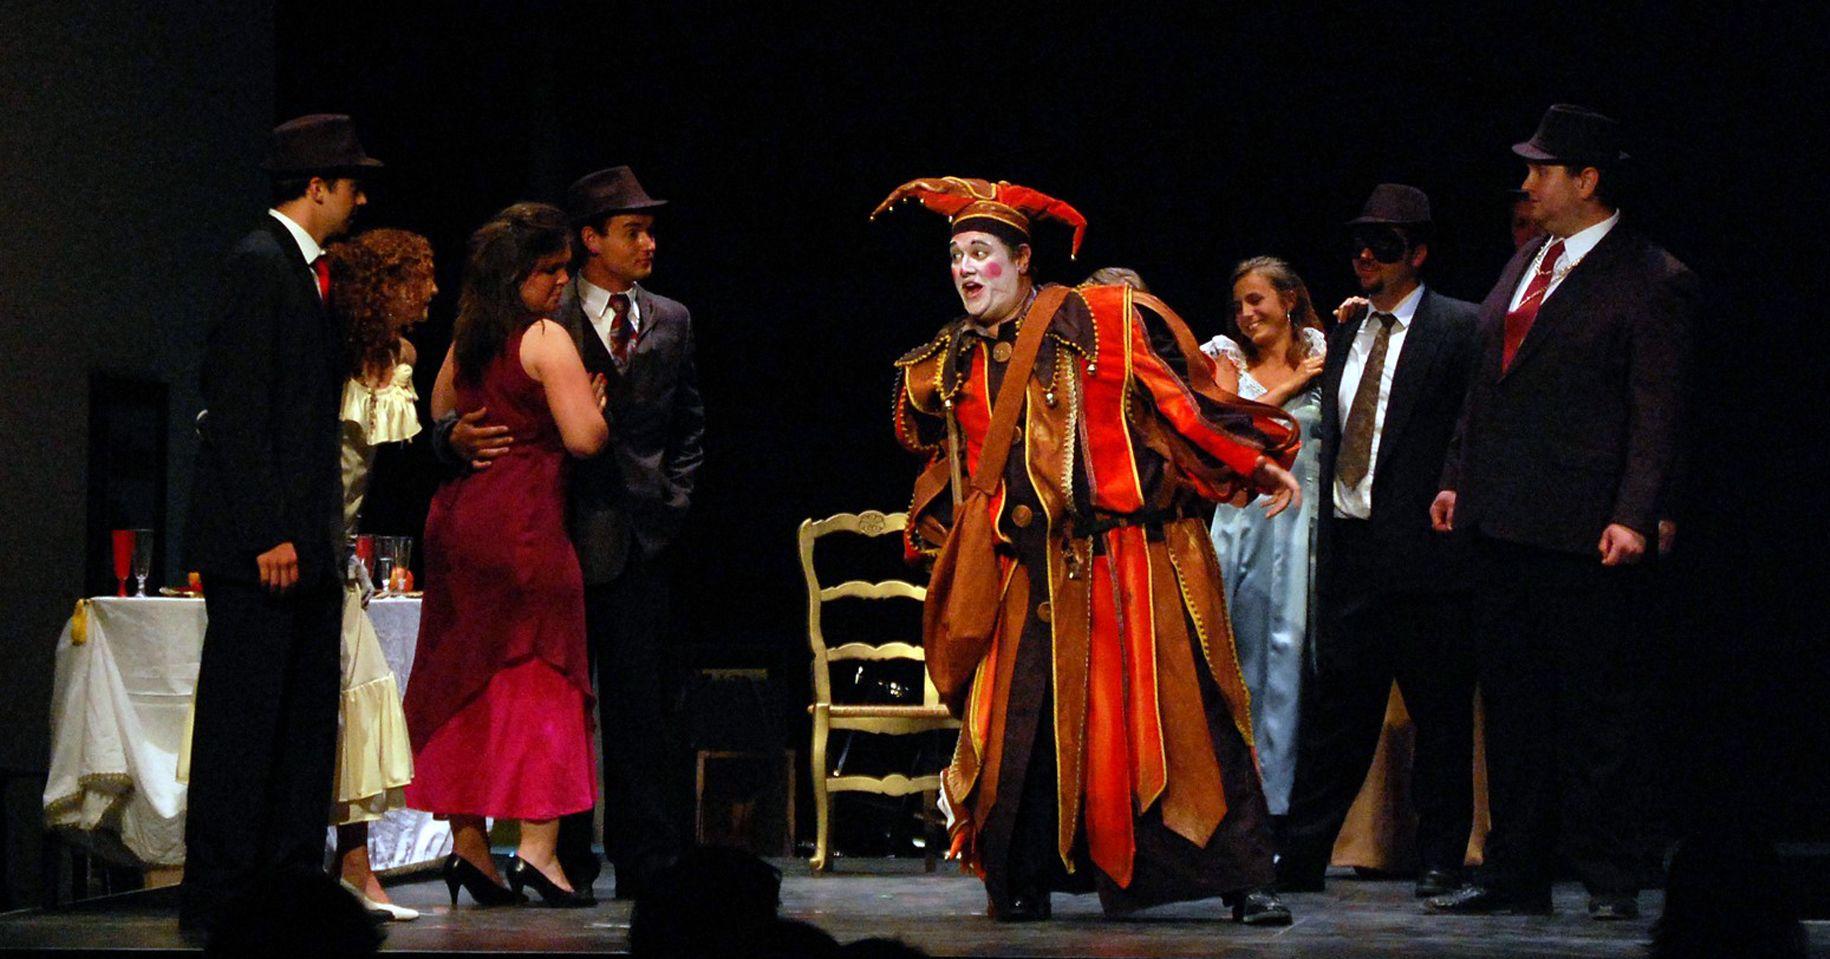 Virginie-Stucki-Recup-And-Cut-Grigny-Rigoletto-Festival Lyrique-en-mer